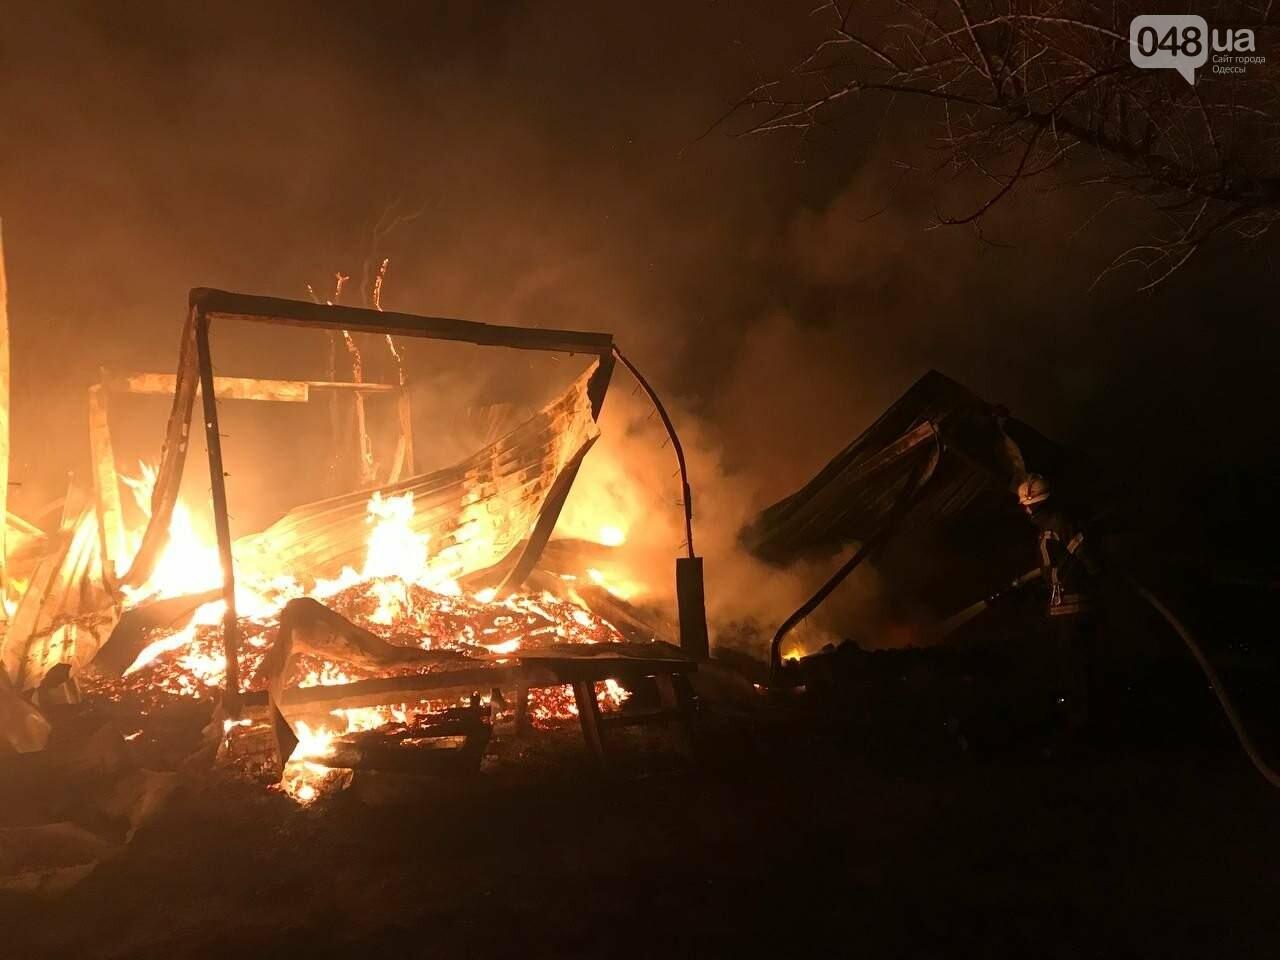 Пожар на базе отдыха в Одесской области.1